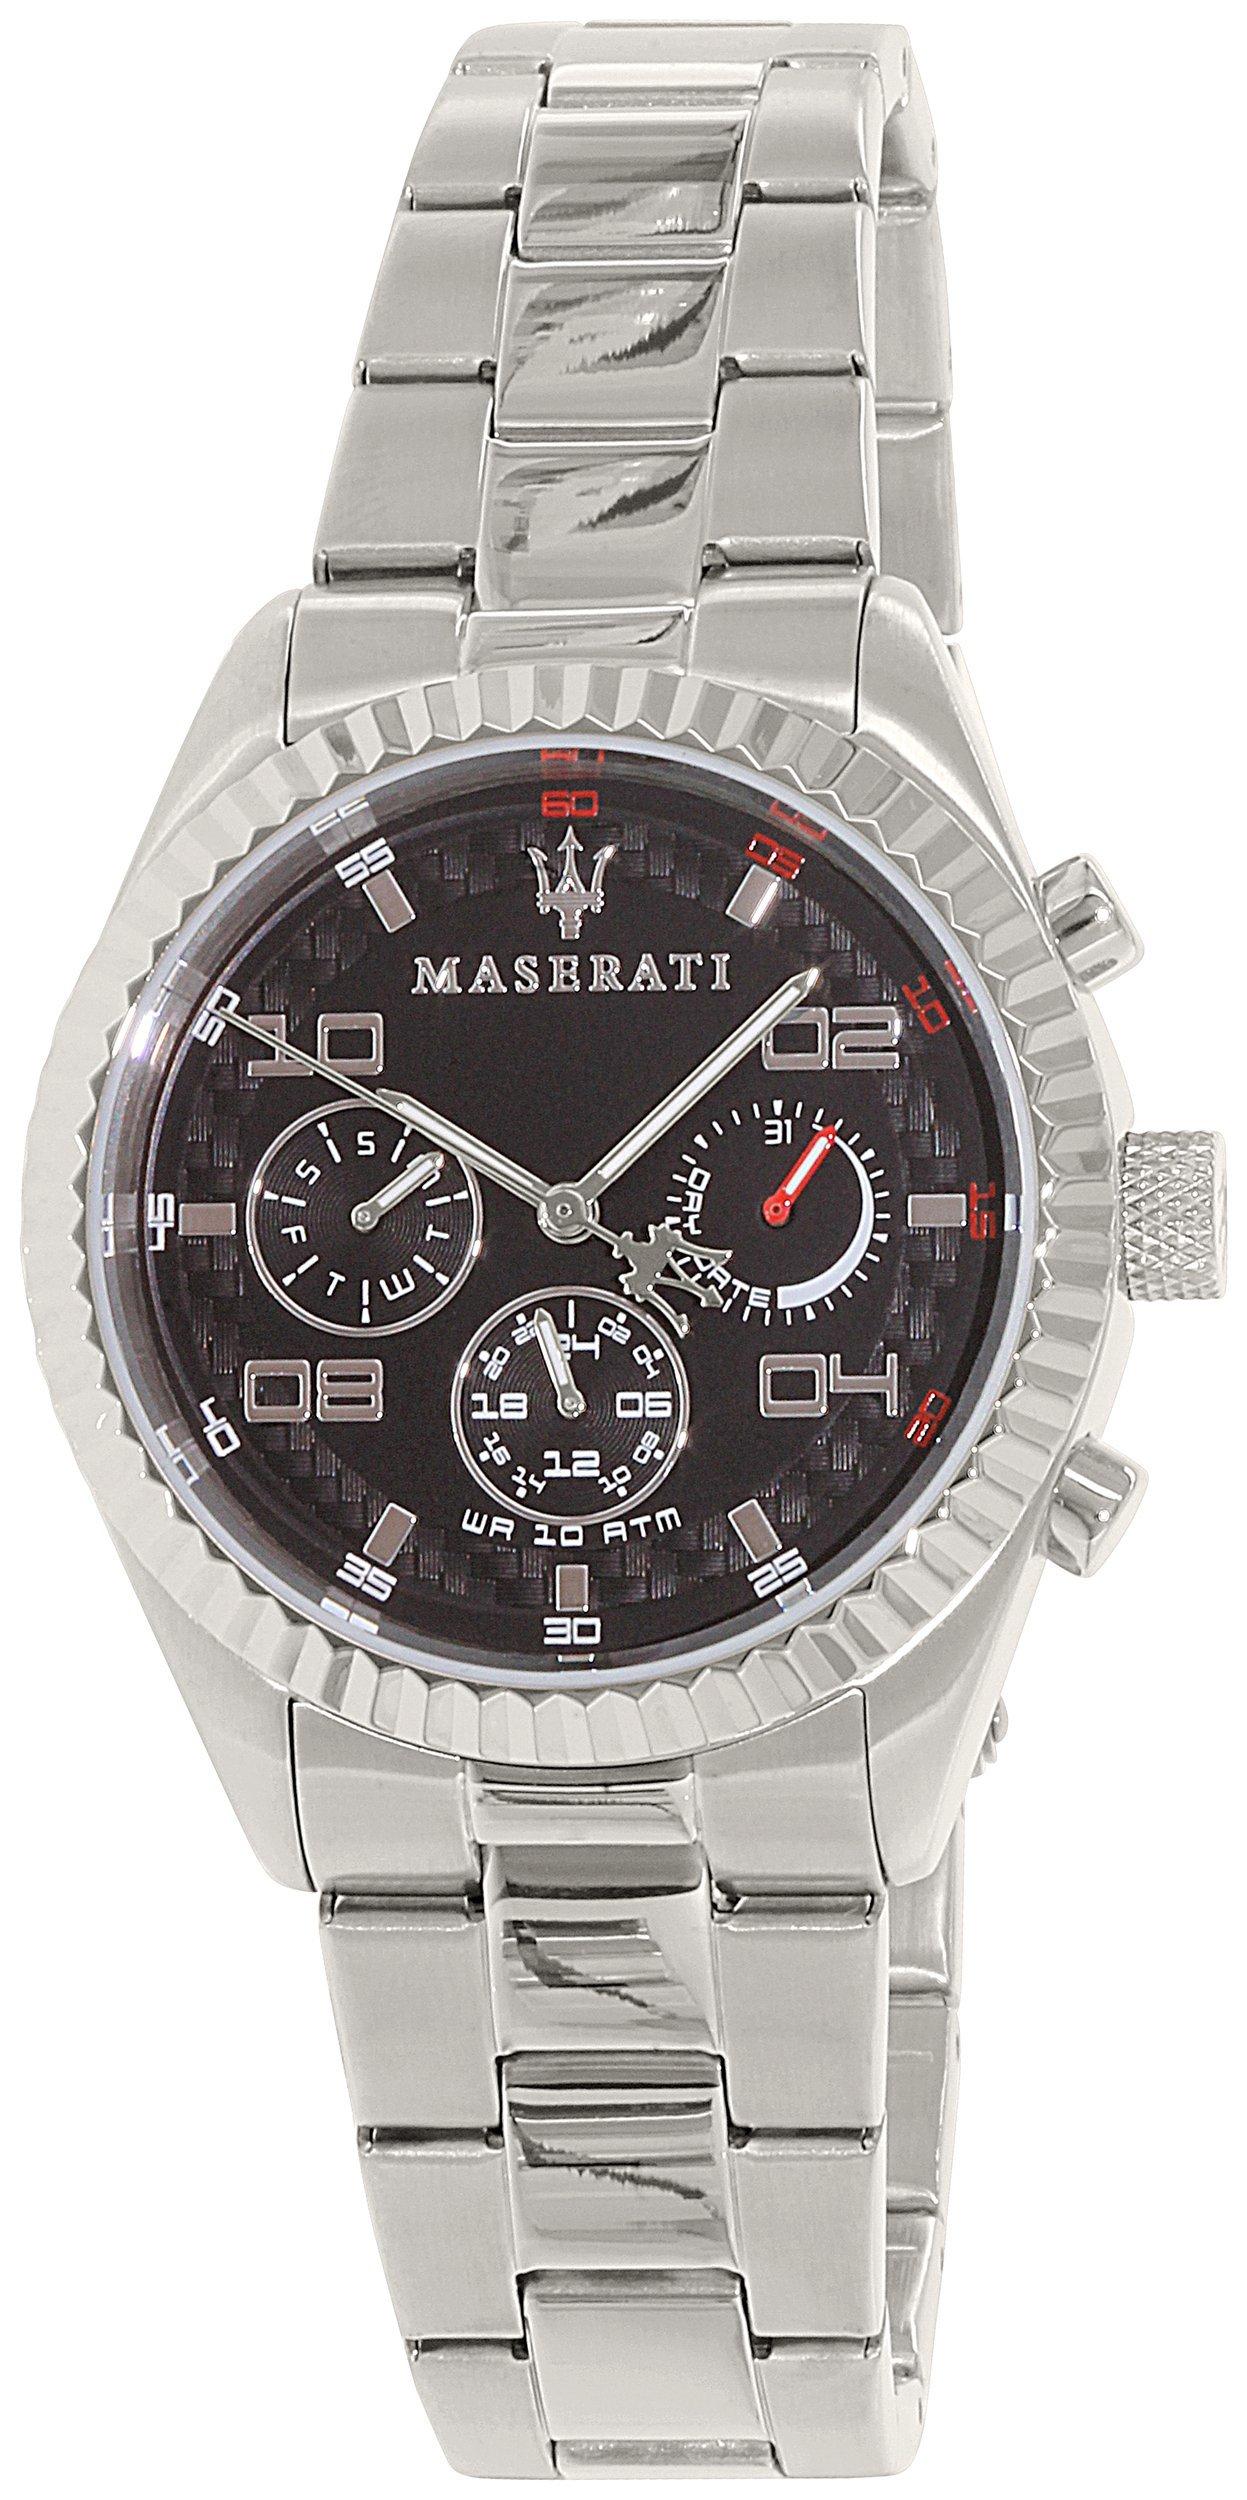 Reloj MASERATI – Hombre, pulsera de cuarzo de la fecha clásica, acero inoxidable, R8853100012